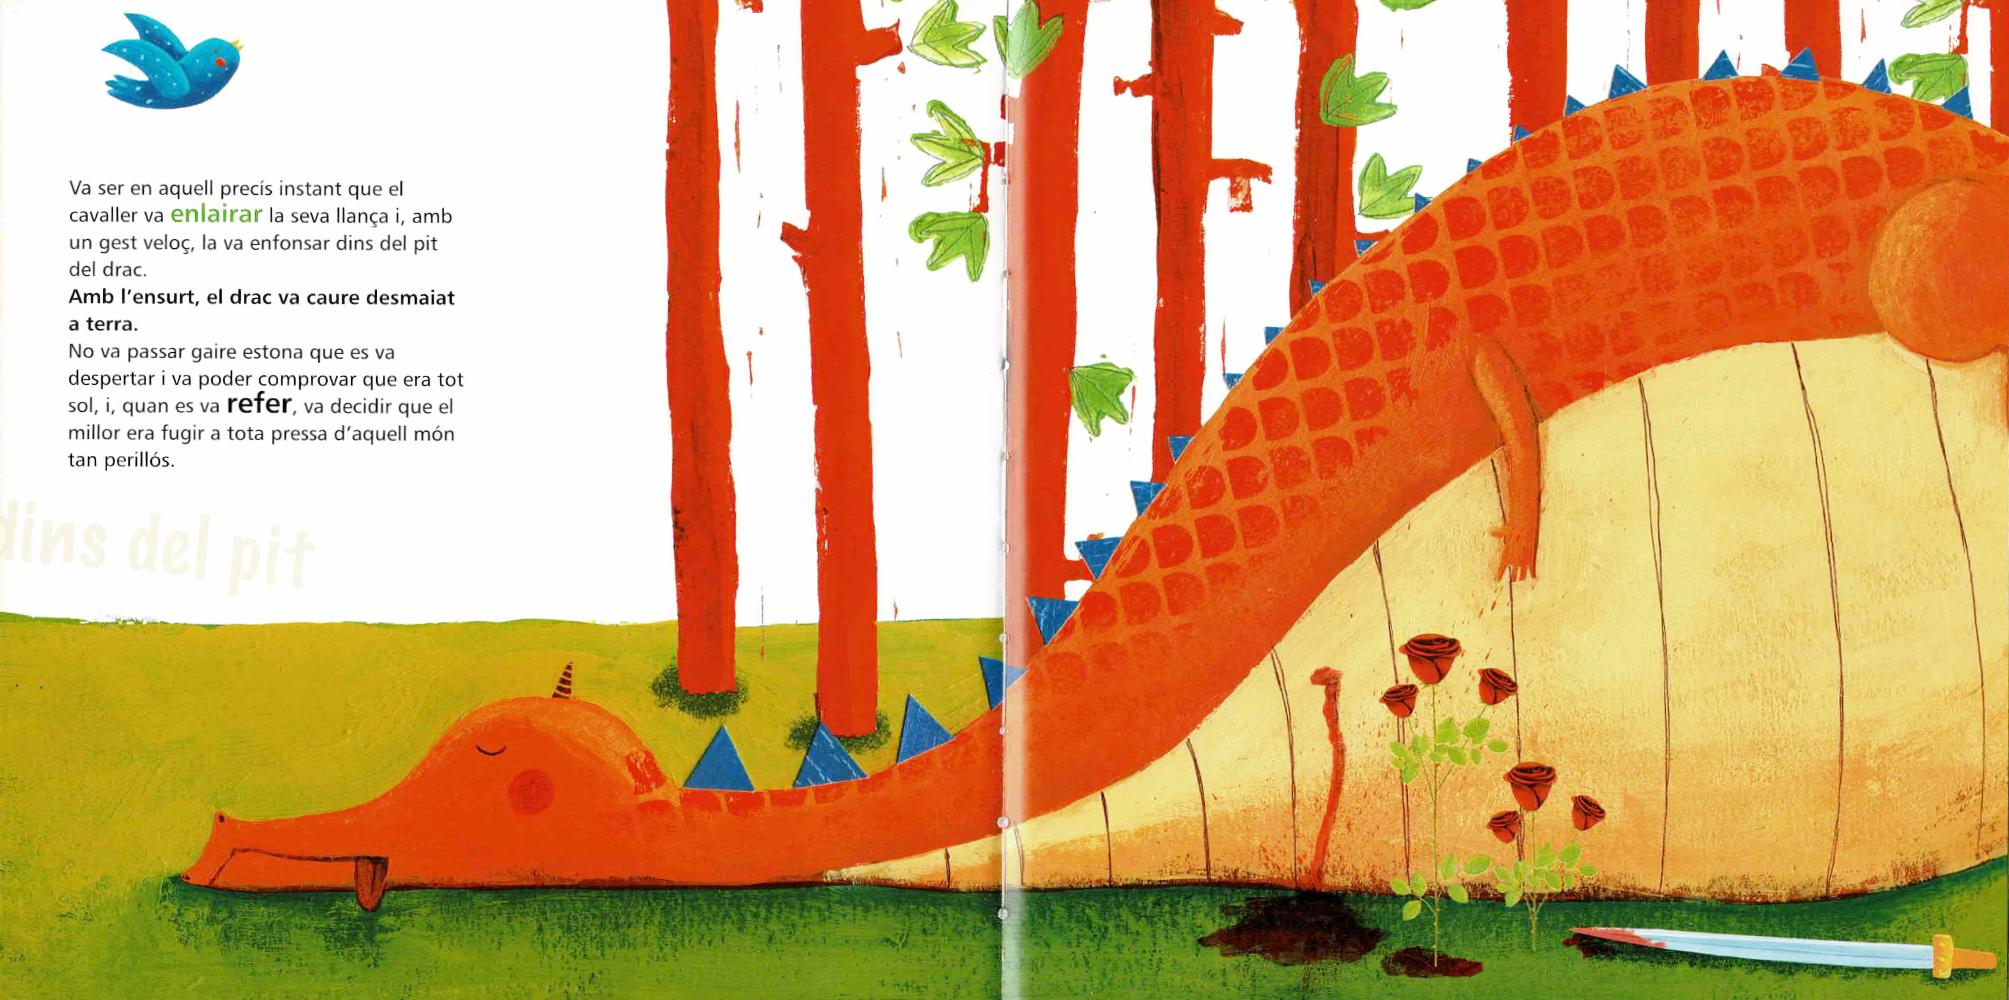 Qui diu la veritat: el cavaller o el drac? 6